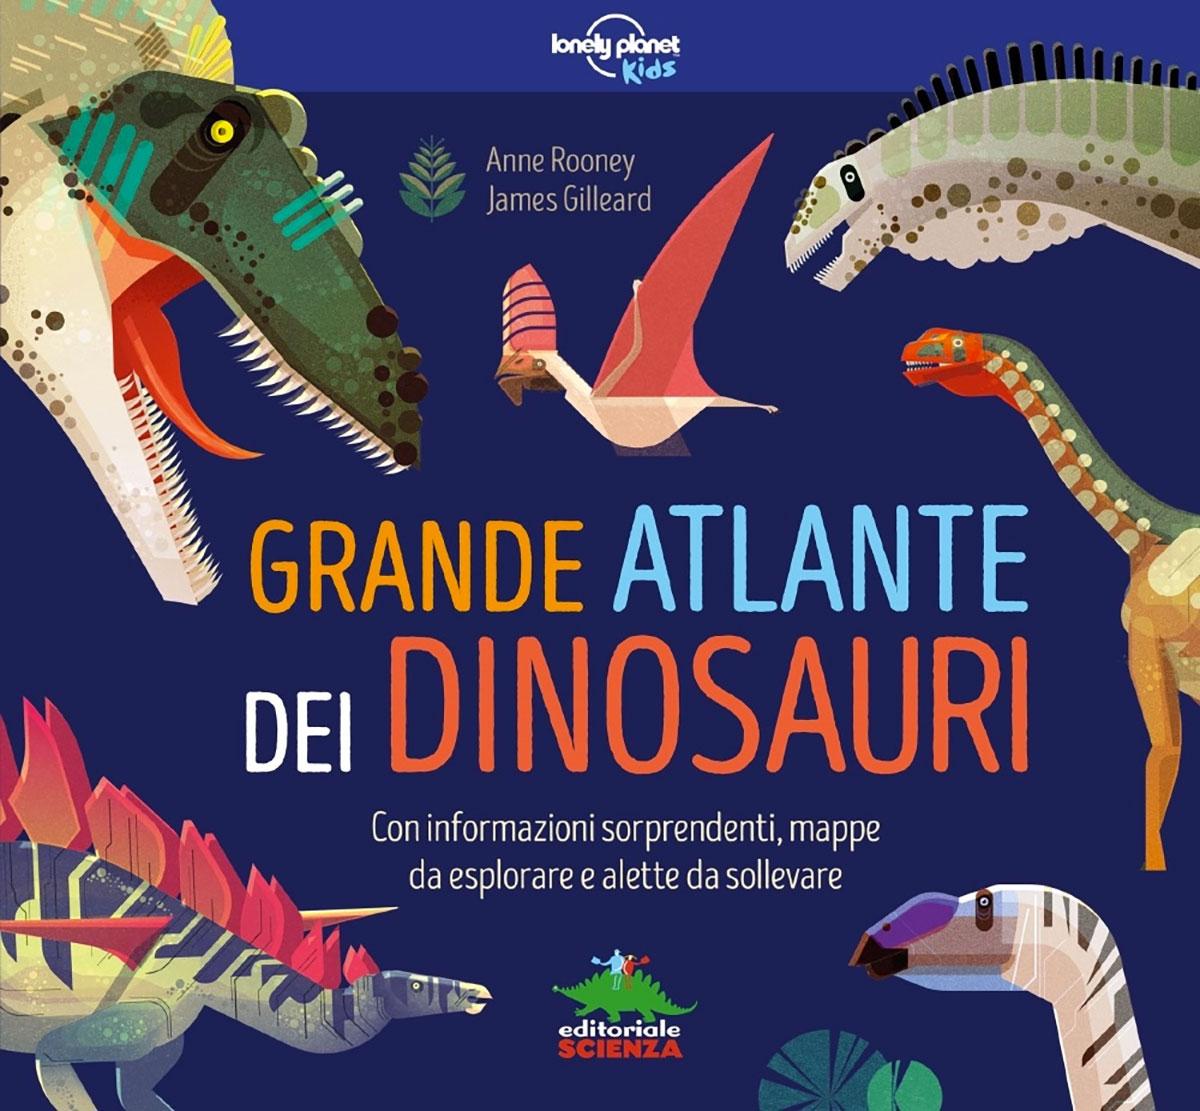 Grande Atlante dei dinosauri, Rooney Anne, Editoriale Scienza, € 19.90, da 8 anni